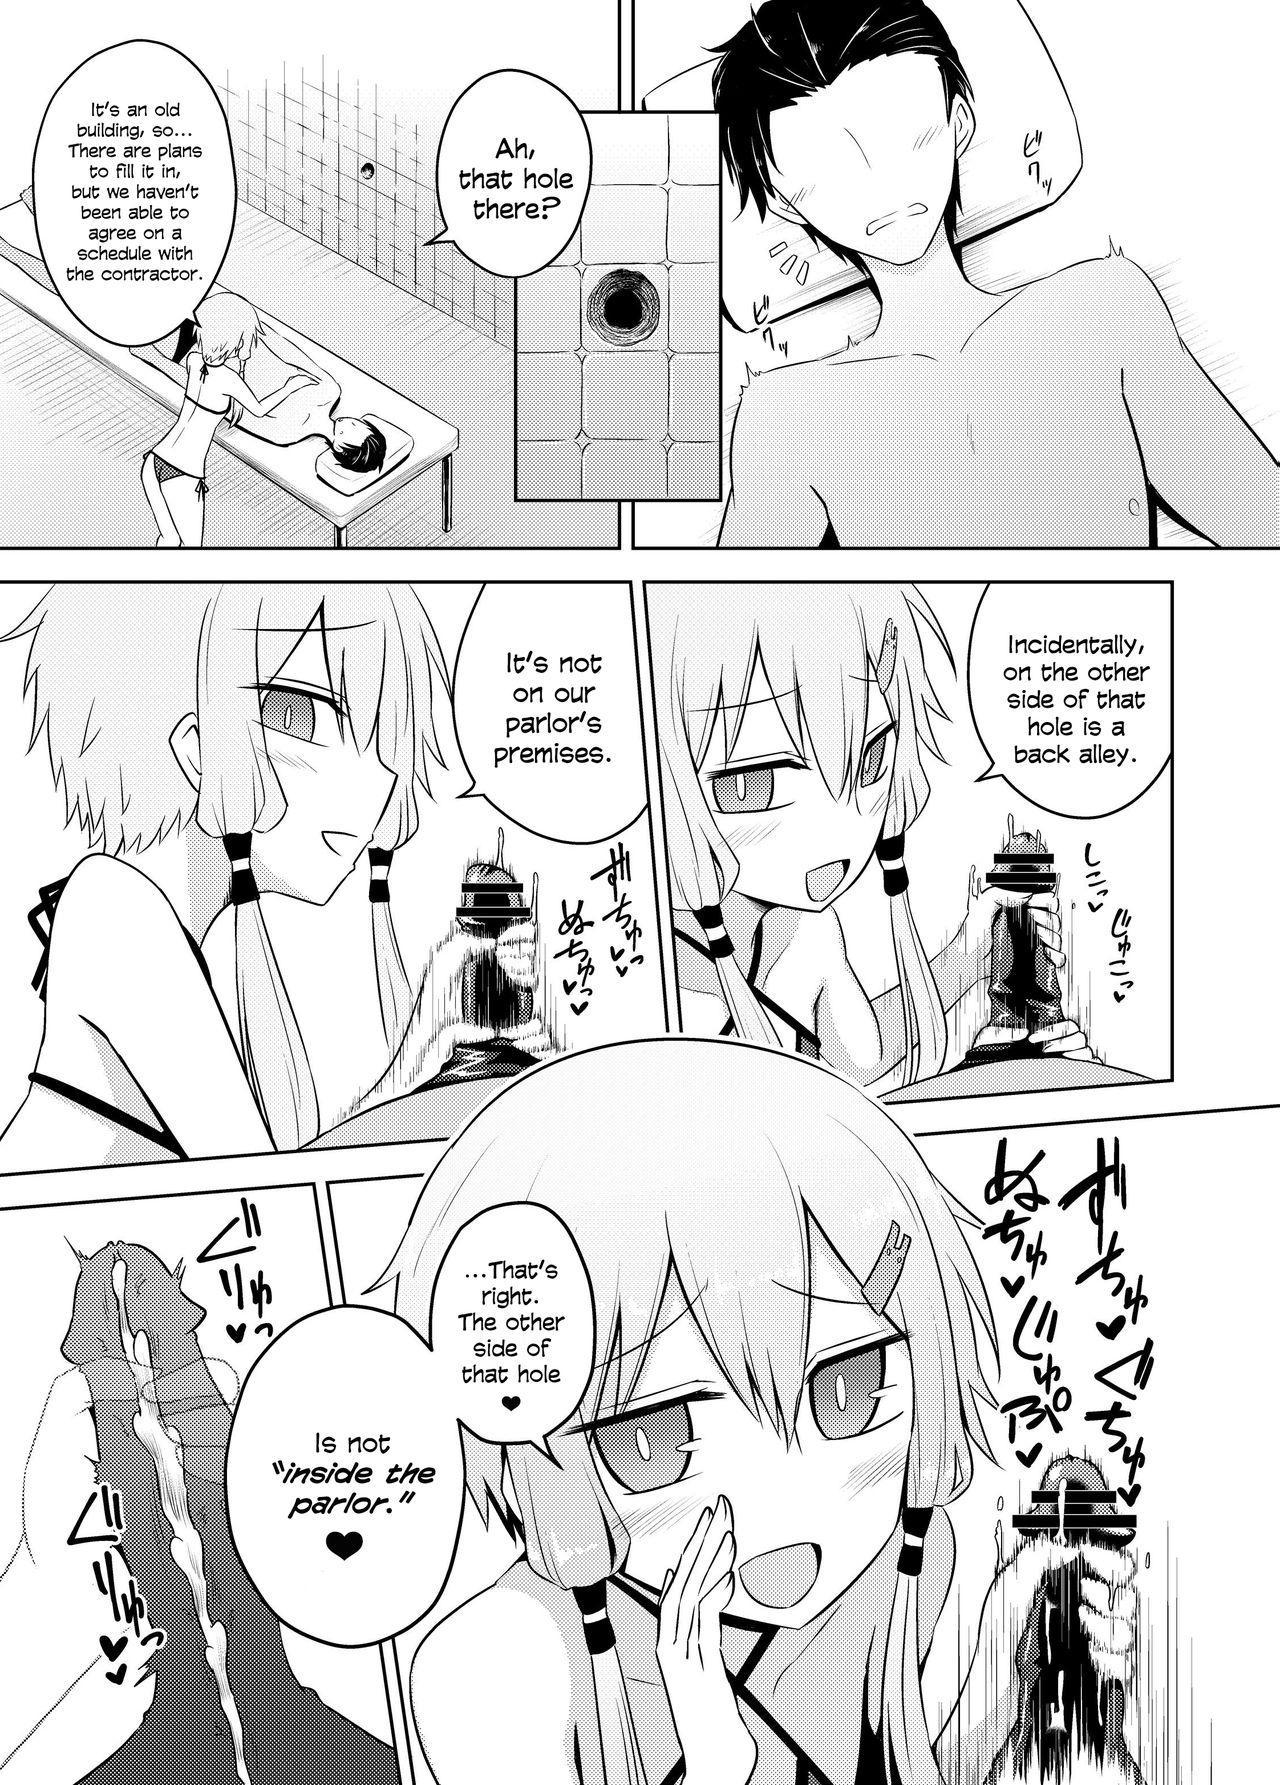 [Atelier:Dew (Kurakumo Nue)] Yukari-san wa Sentai Service o Tsuzuketeru you desu! | Yukari-san Seems To Be Continuing Her Body Washing Service! (VOCALOID) [Digital] [English] [head empty] 10